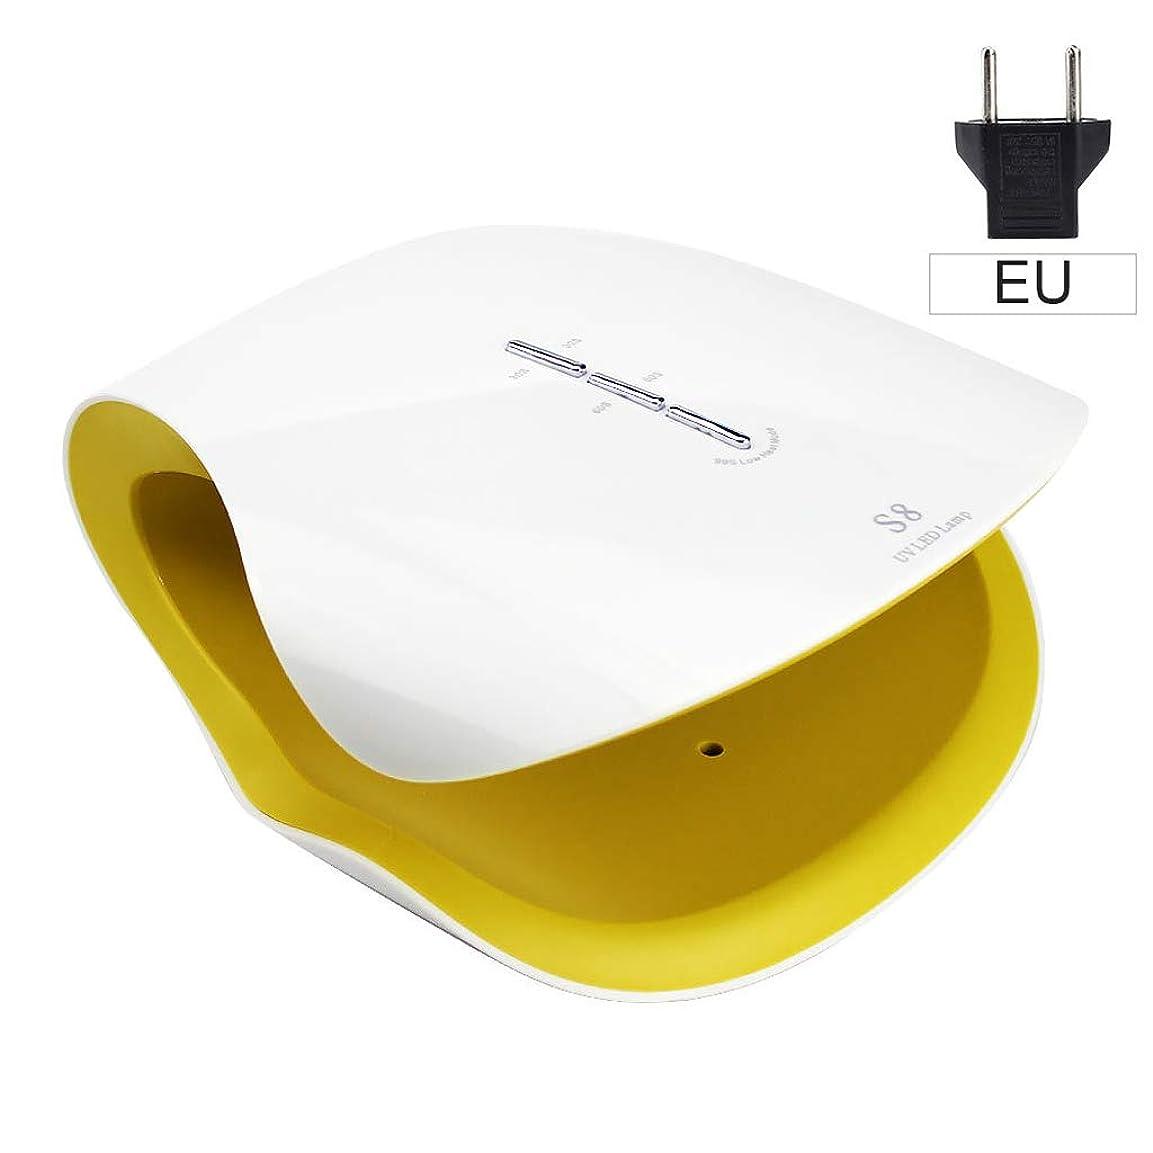 ハプニング容量郵便屋さん爪光療法機、洗練された乾燥インテリジェント誘導爪ランプ、高速乾燥爪のマシン (色 : 白)